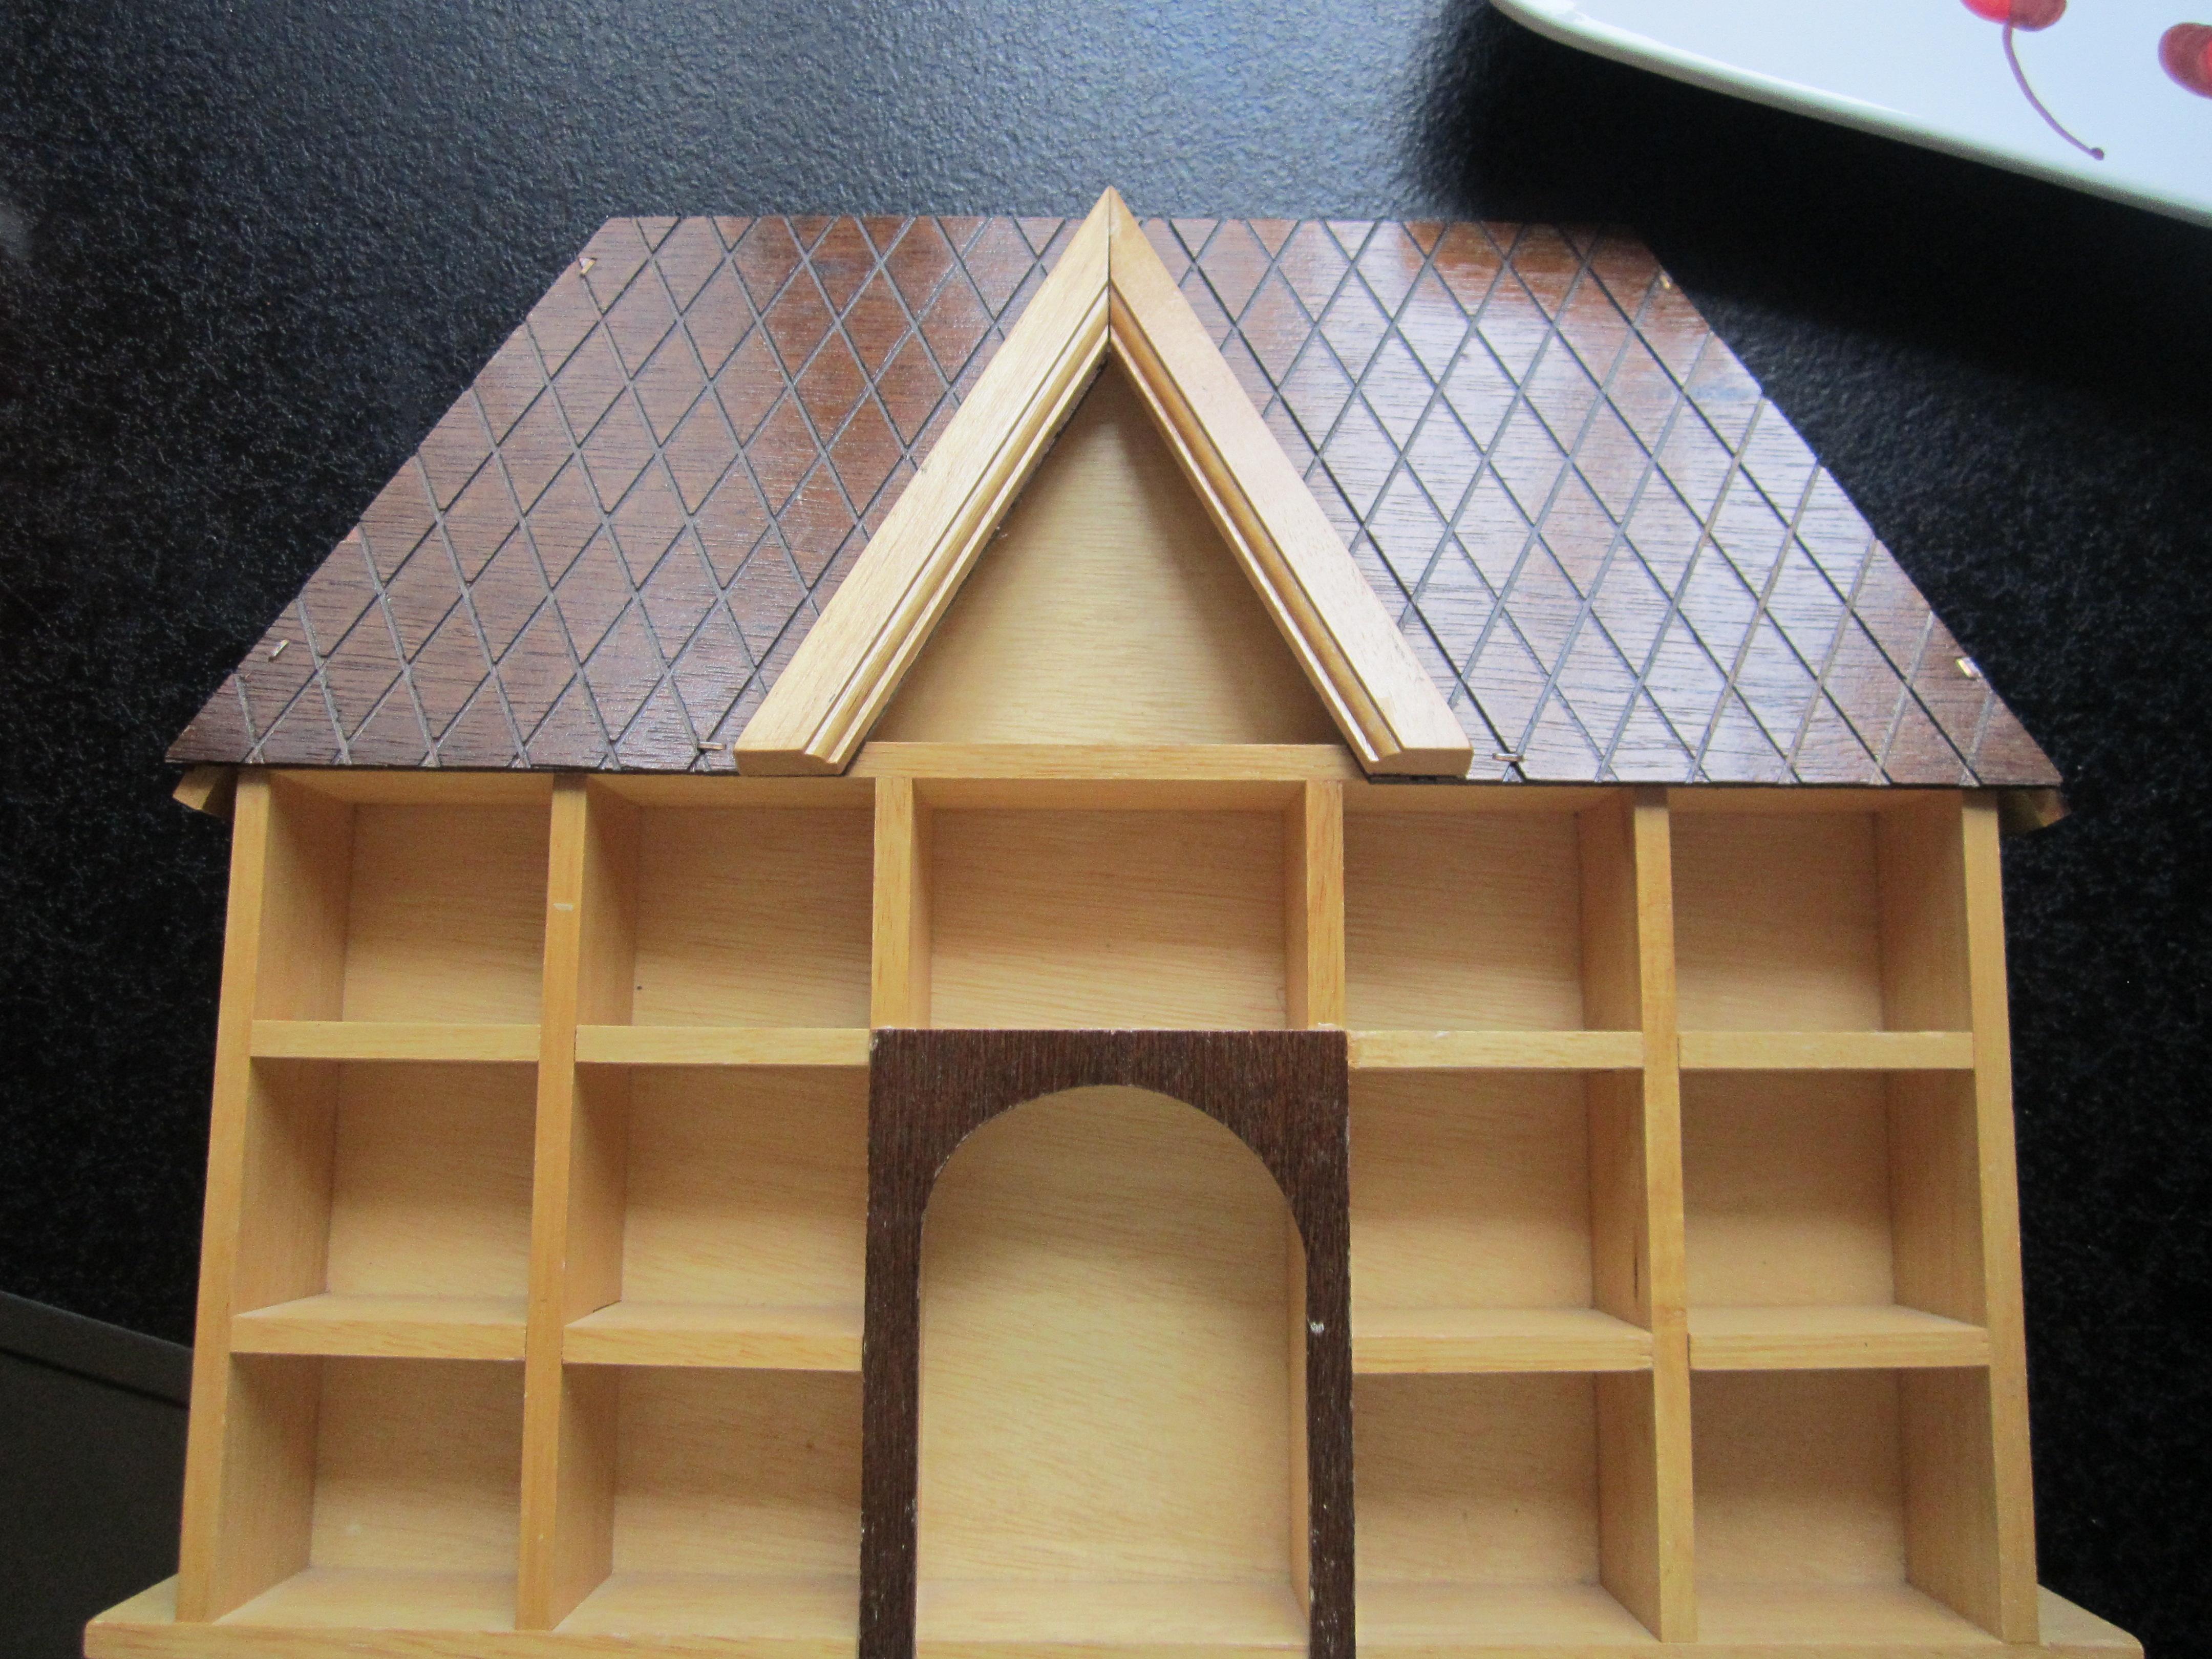 maison vitrine d corative donner andernos les bains. Black Bedroom Furniture Sets. Home Design Ideas